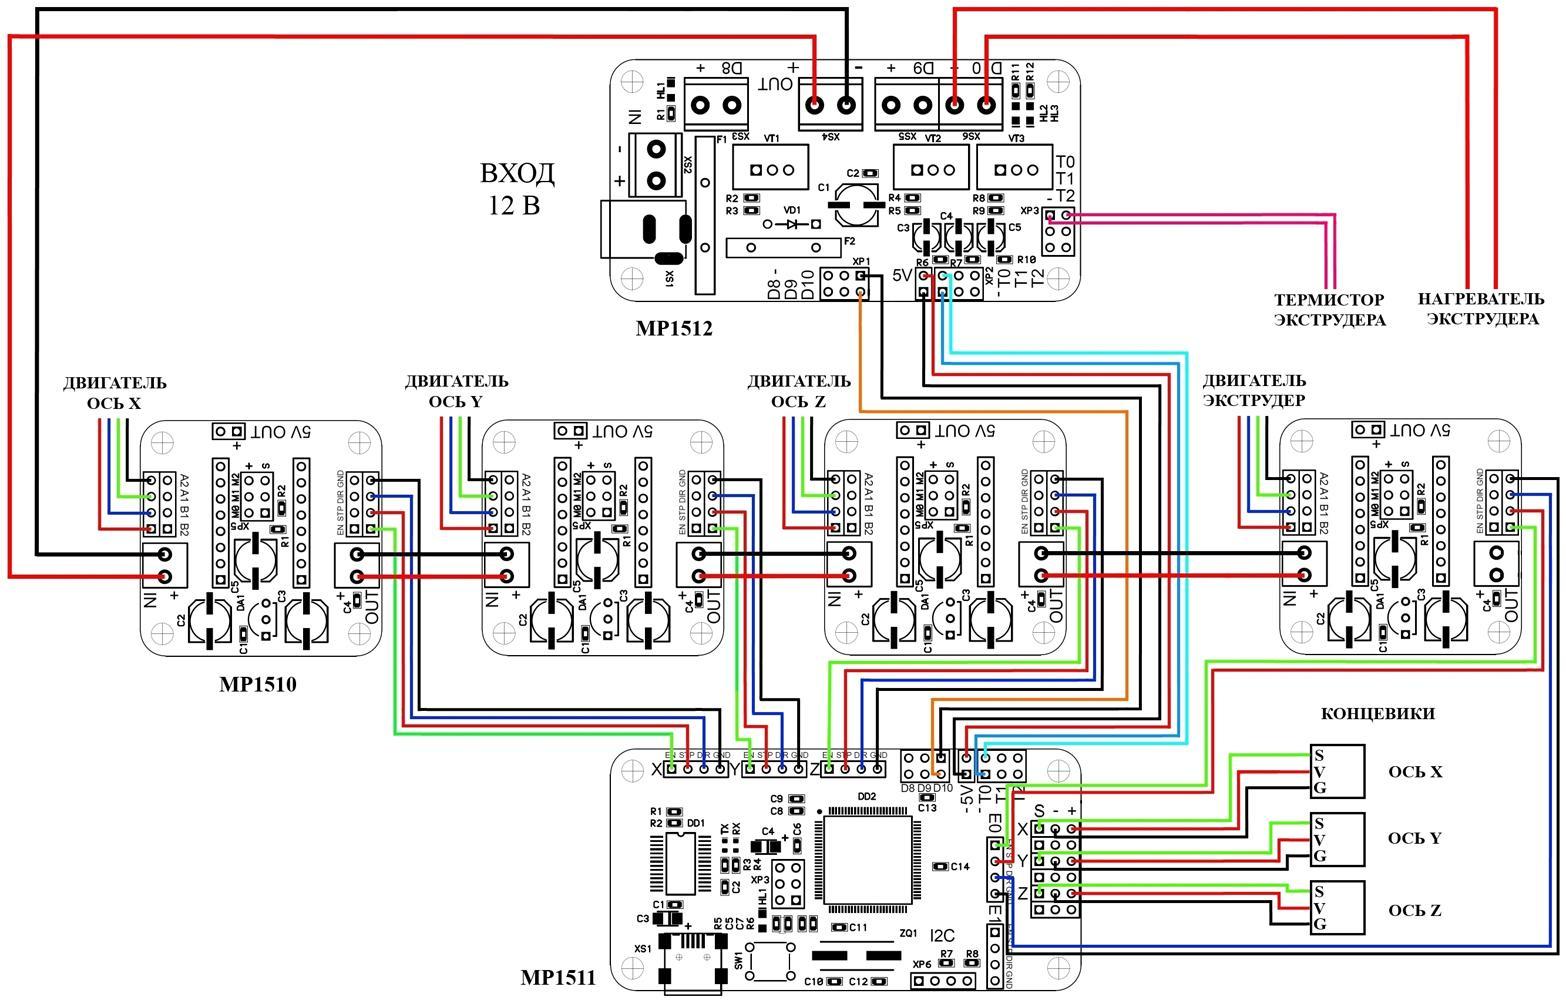 Схема 3D-принтера KIT 3D MC3 Stealth в высоком разрешении